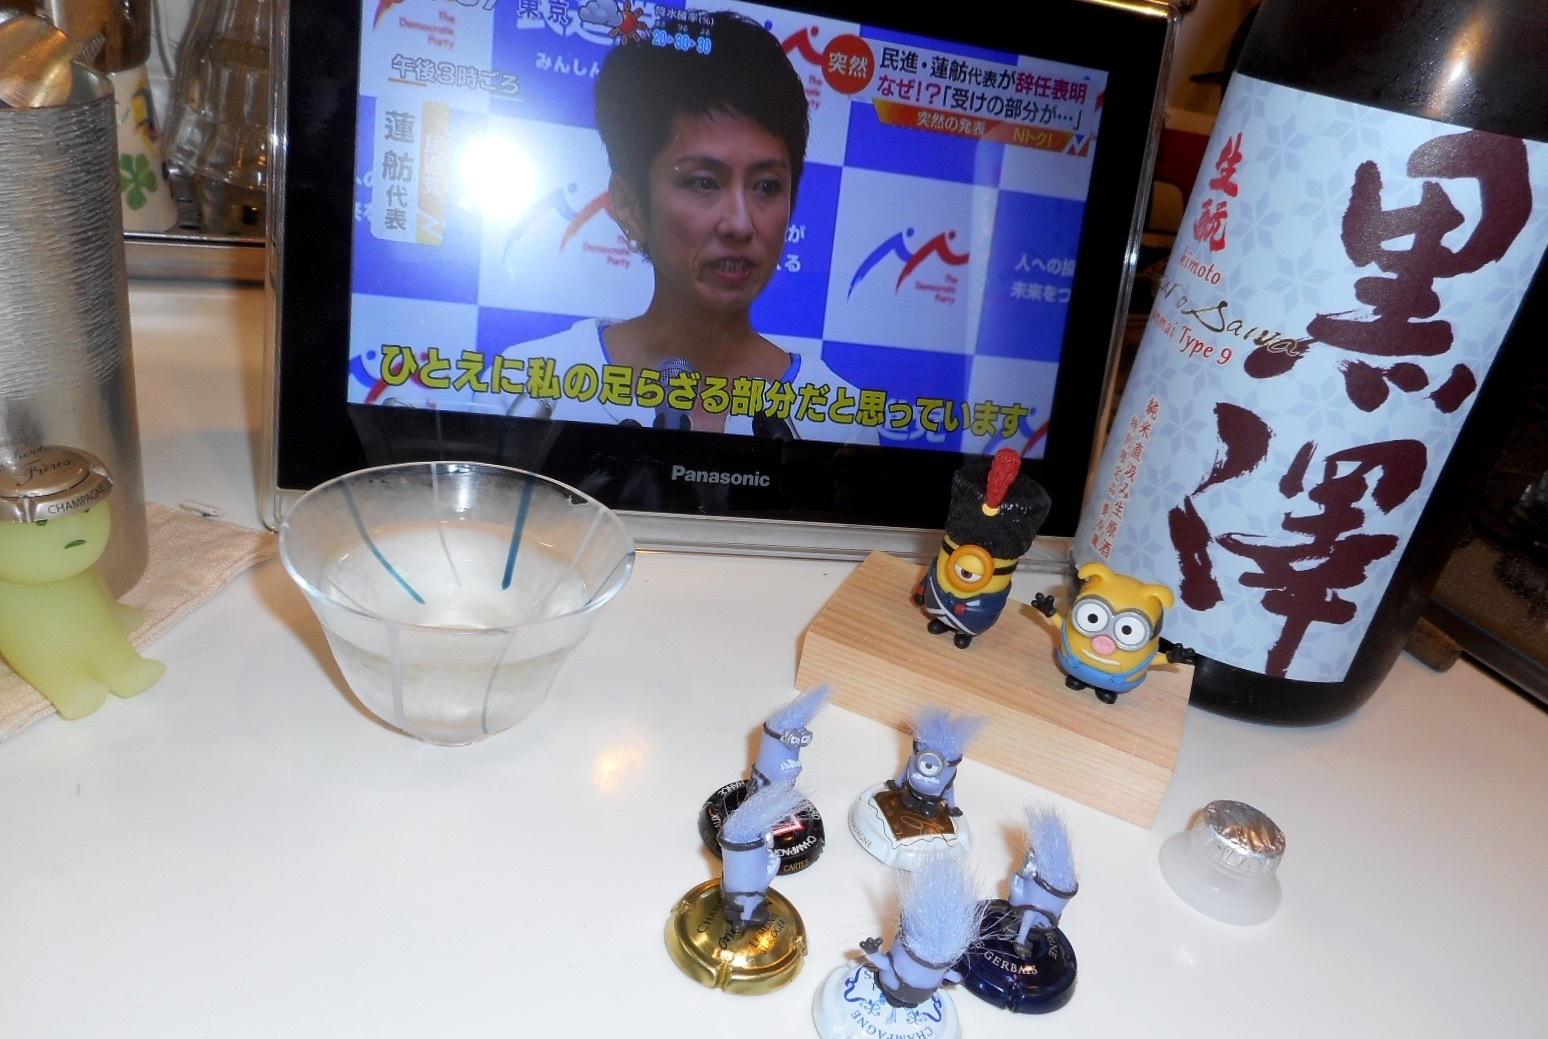 kurosawa_type9_28by17.jpg